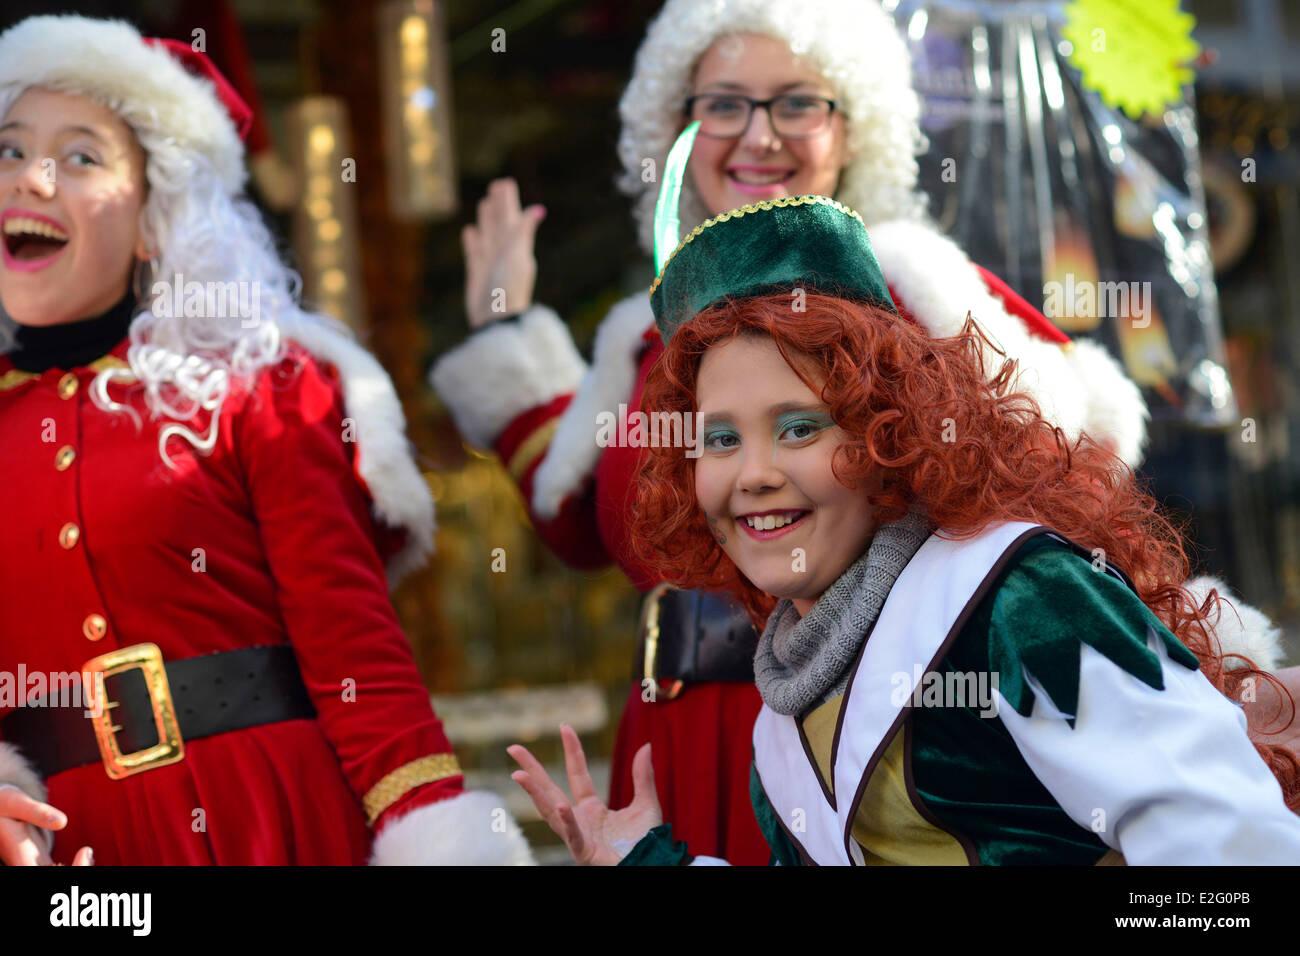 Niederlande Haarlem Weihnachten Animation auf der Straße Stockfoto ...